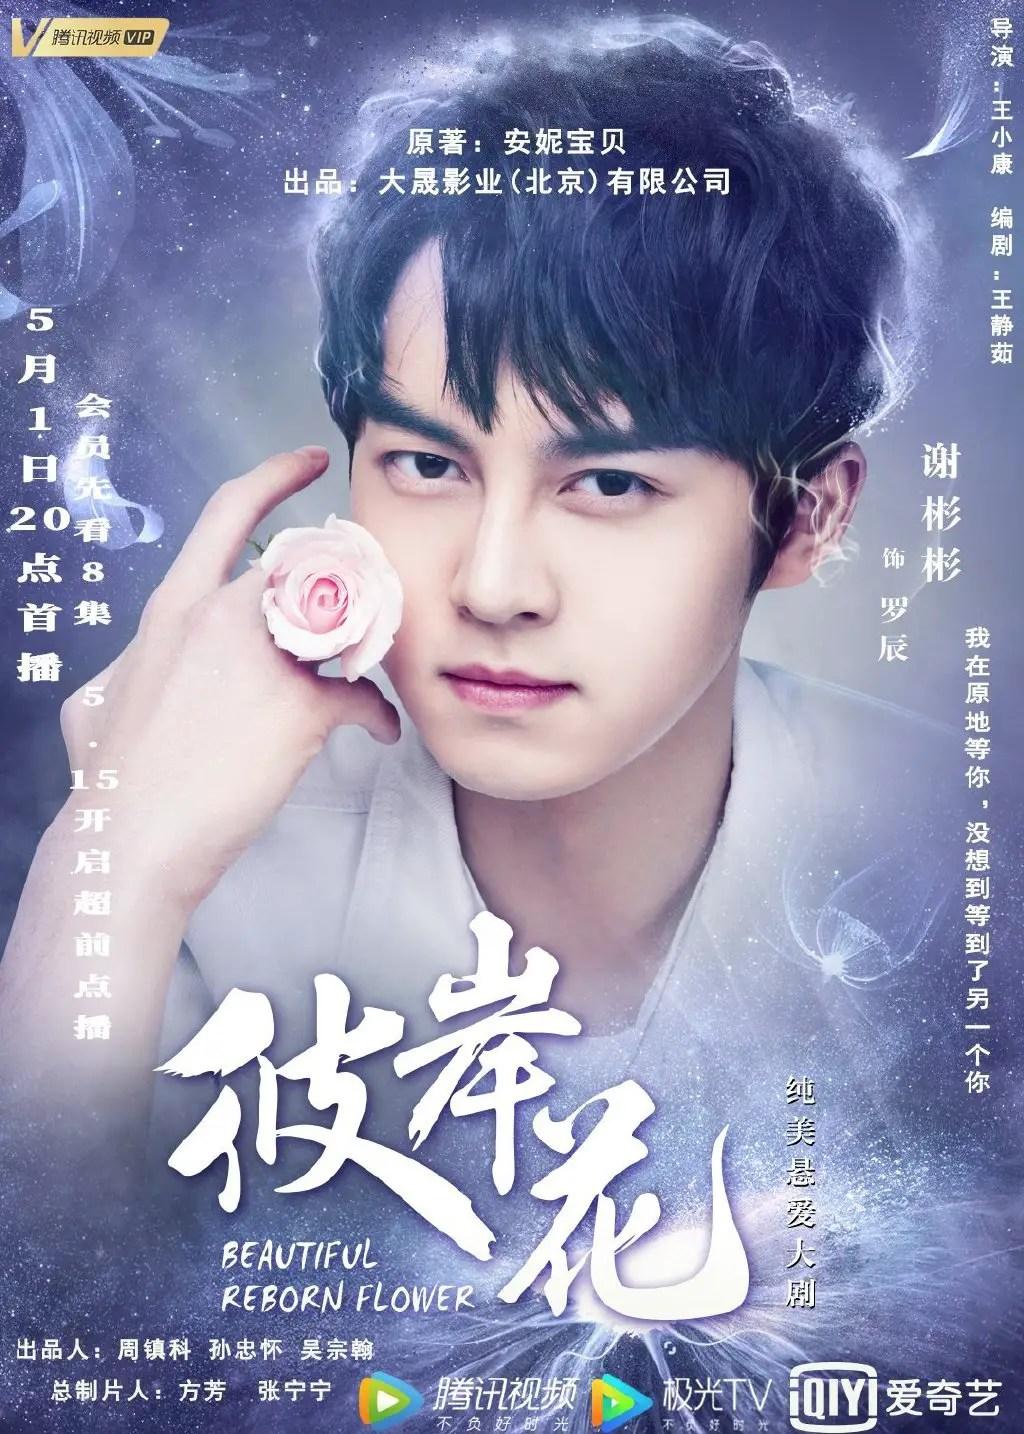 Xie Bin Bin